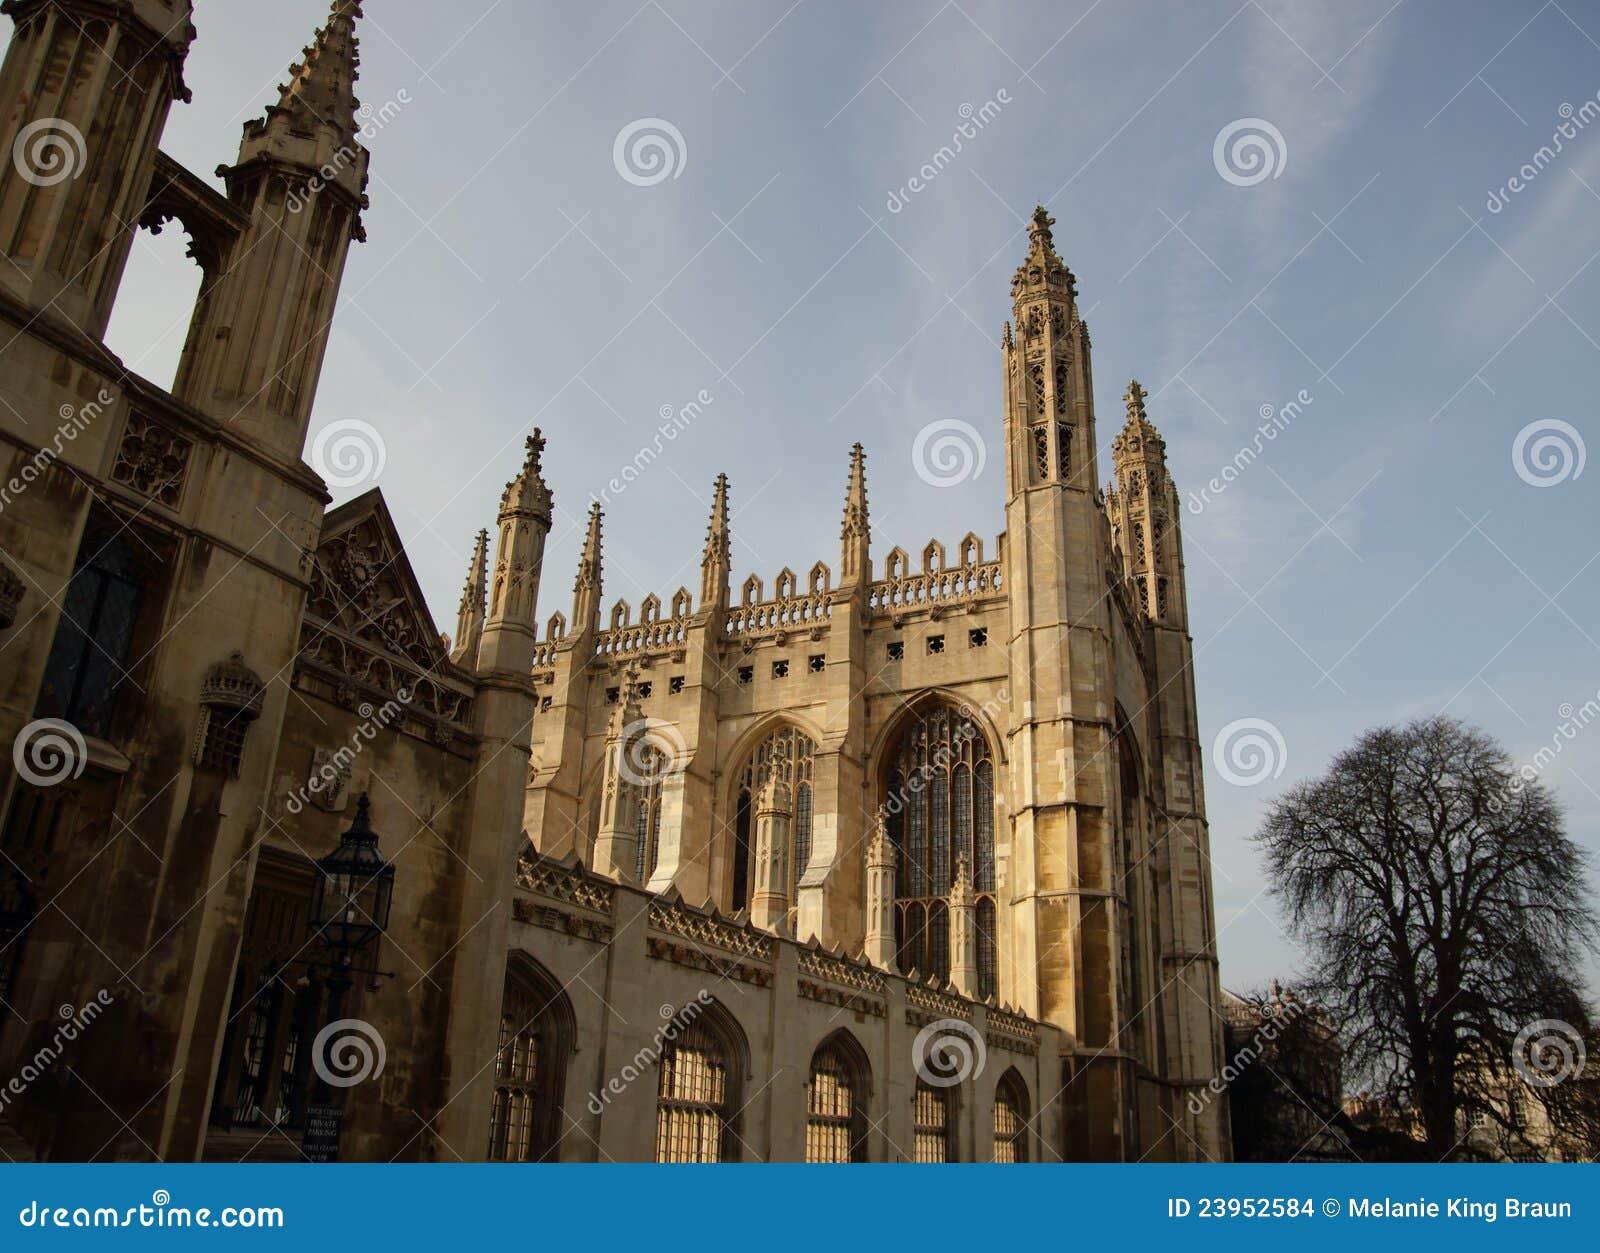 De Kapel van de Universiteit van koningen, het Verenigd Koninkrijk